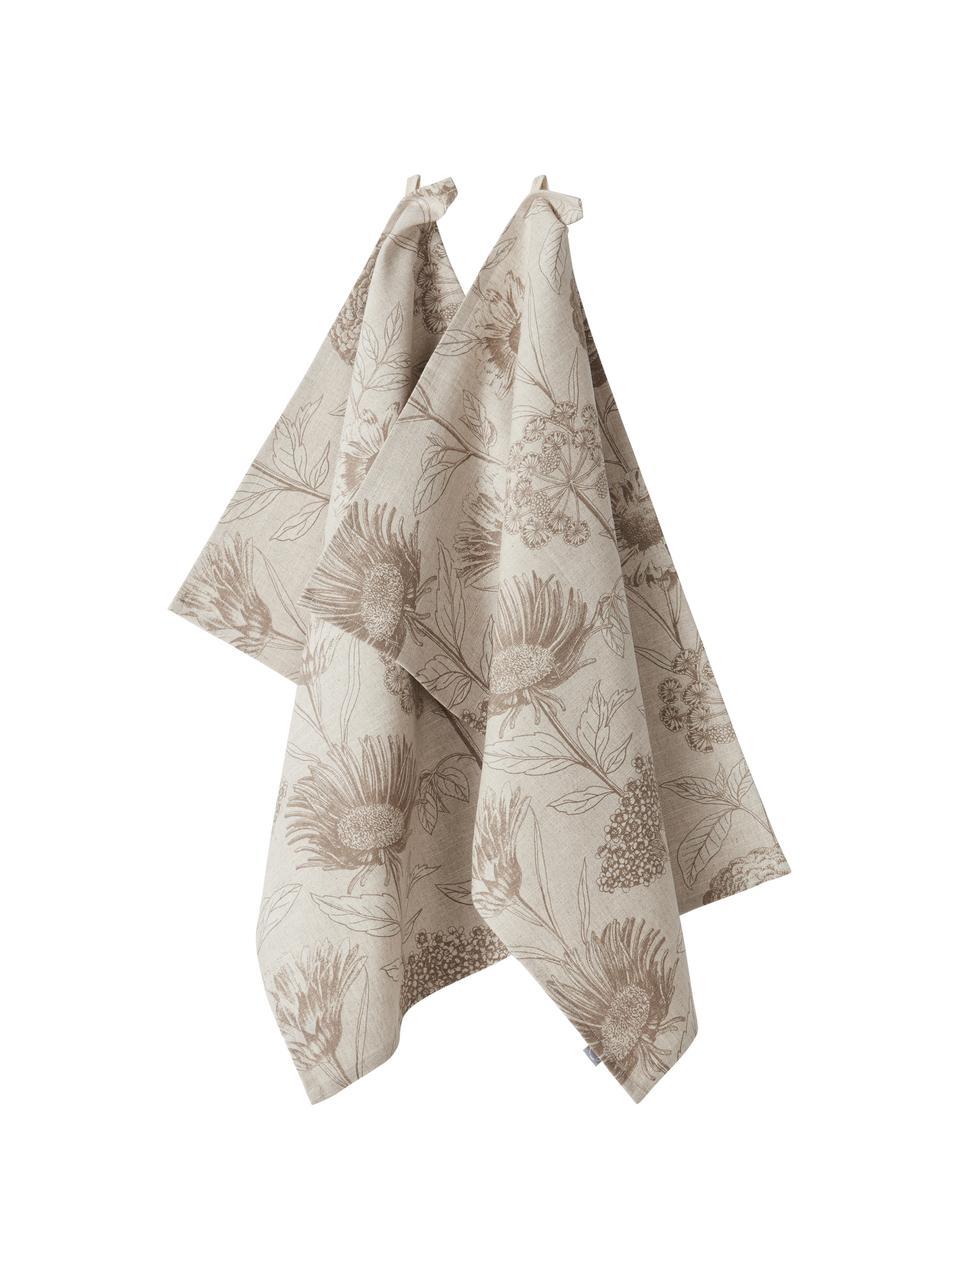 Geschirrtücher Freya mit Blumenprint, 2 Stück, 86% Baumwolle, 14% Leinen, Beige, Braun, 50 x 70 cm